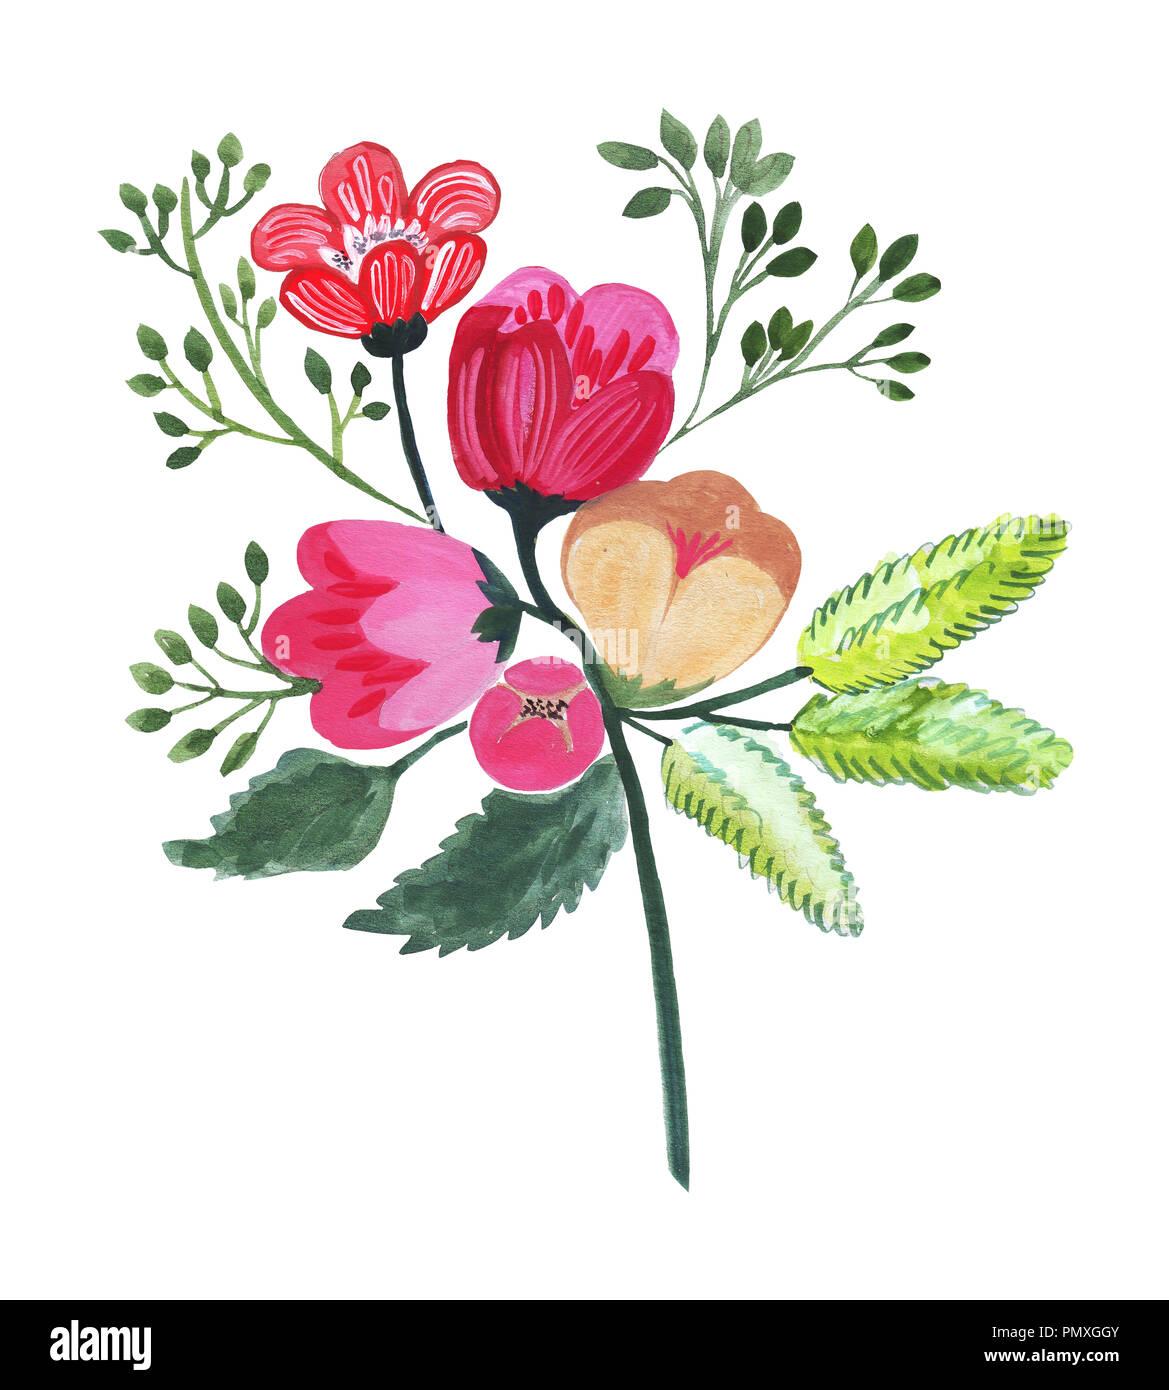 Vari Tipi Di Fiori.Illustrazione Del Disegno A Matita Bouquet Di Fiori In Colori